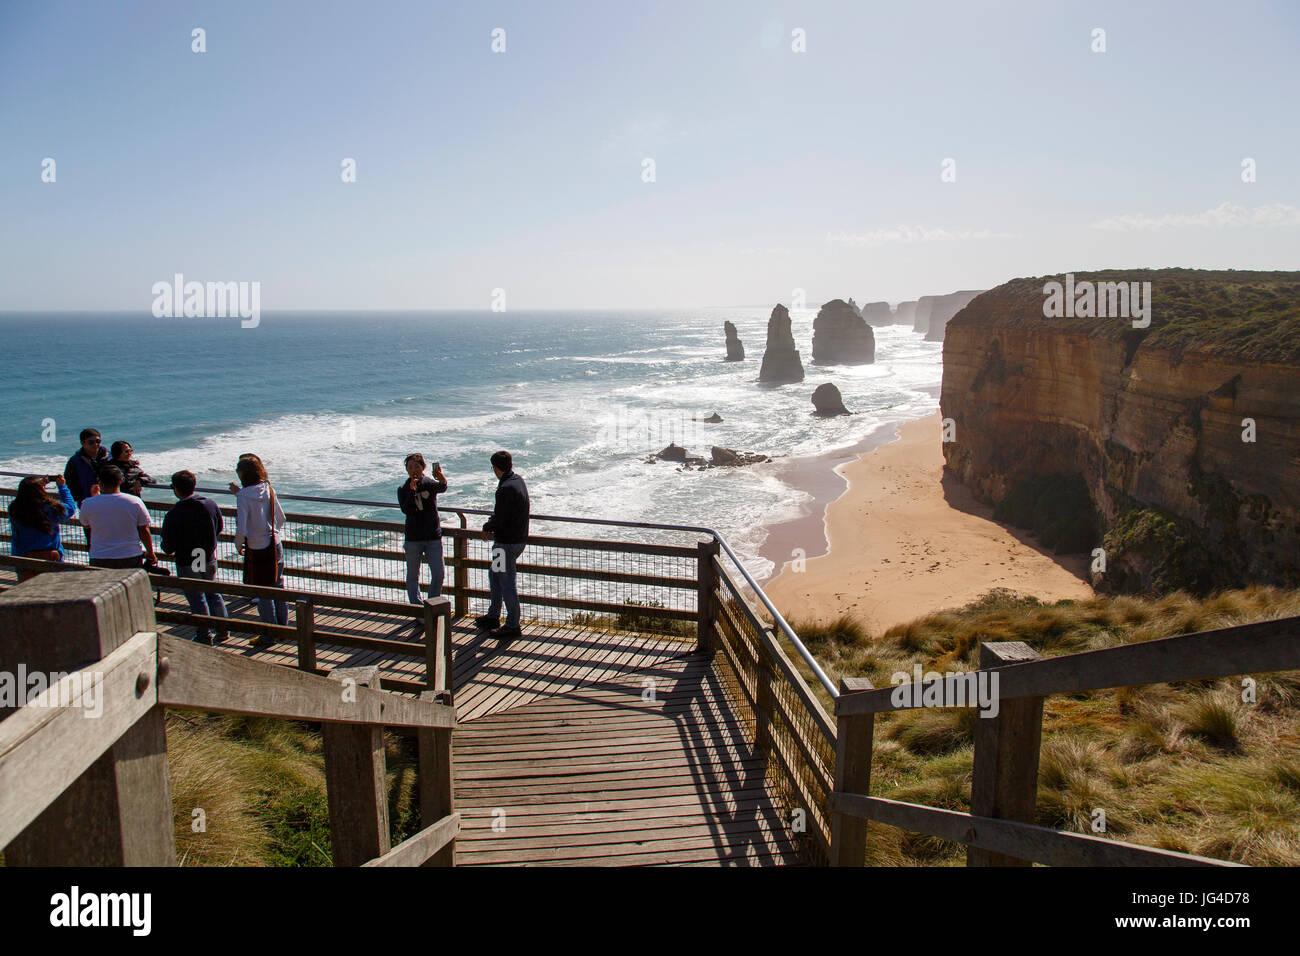 Melbourne, Australie: 8 octobre 2015: profitez de l'Apôtre douze pierres de la mer au coucher Photo Stock